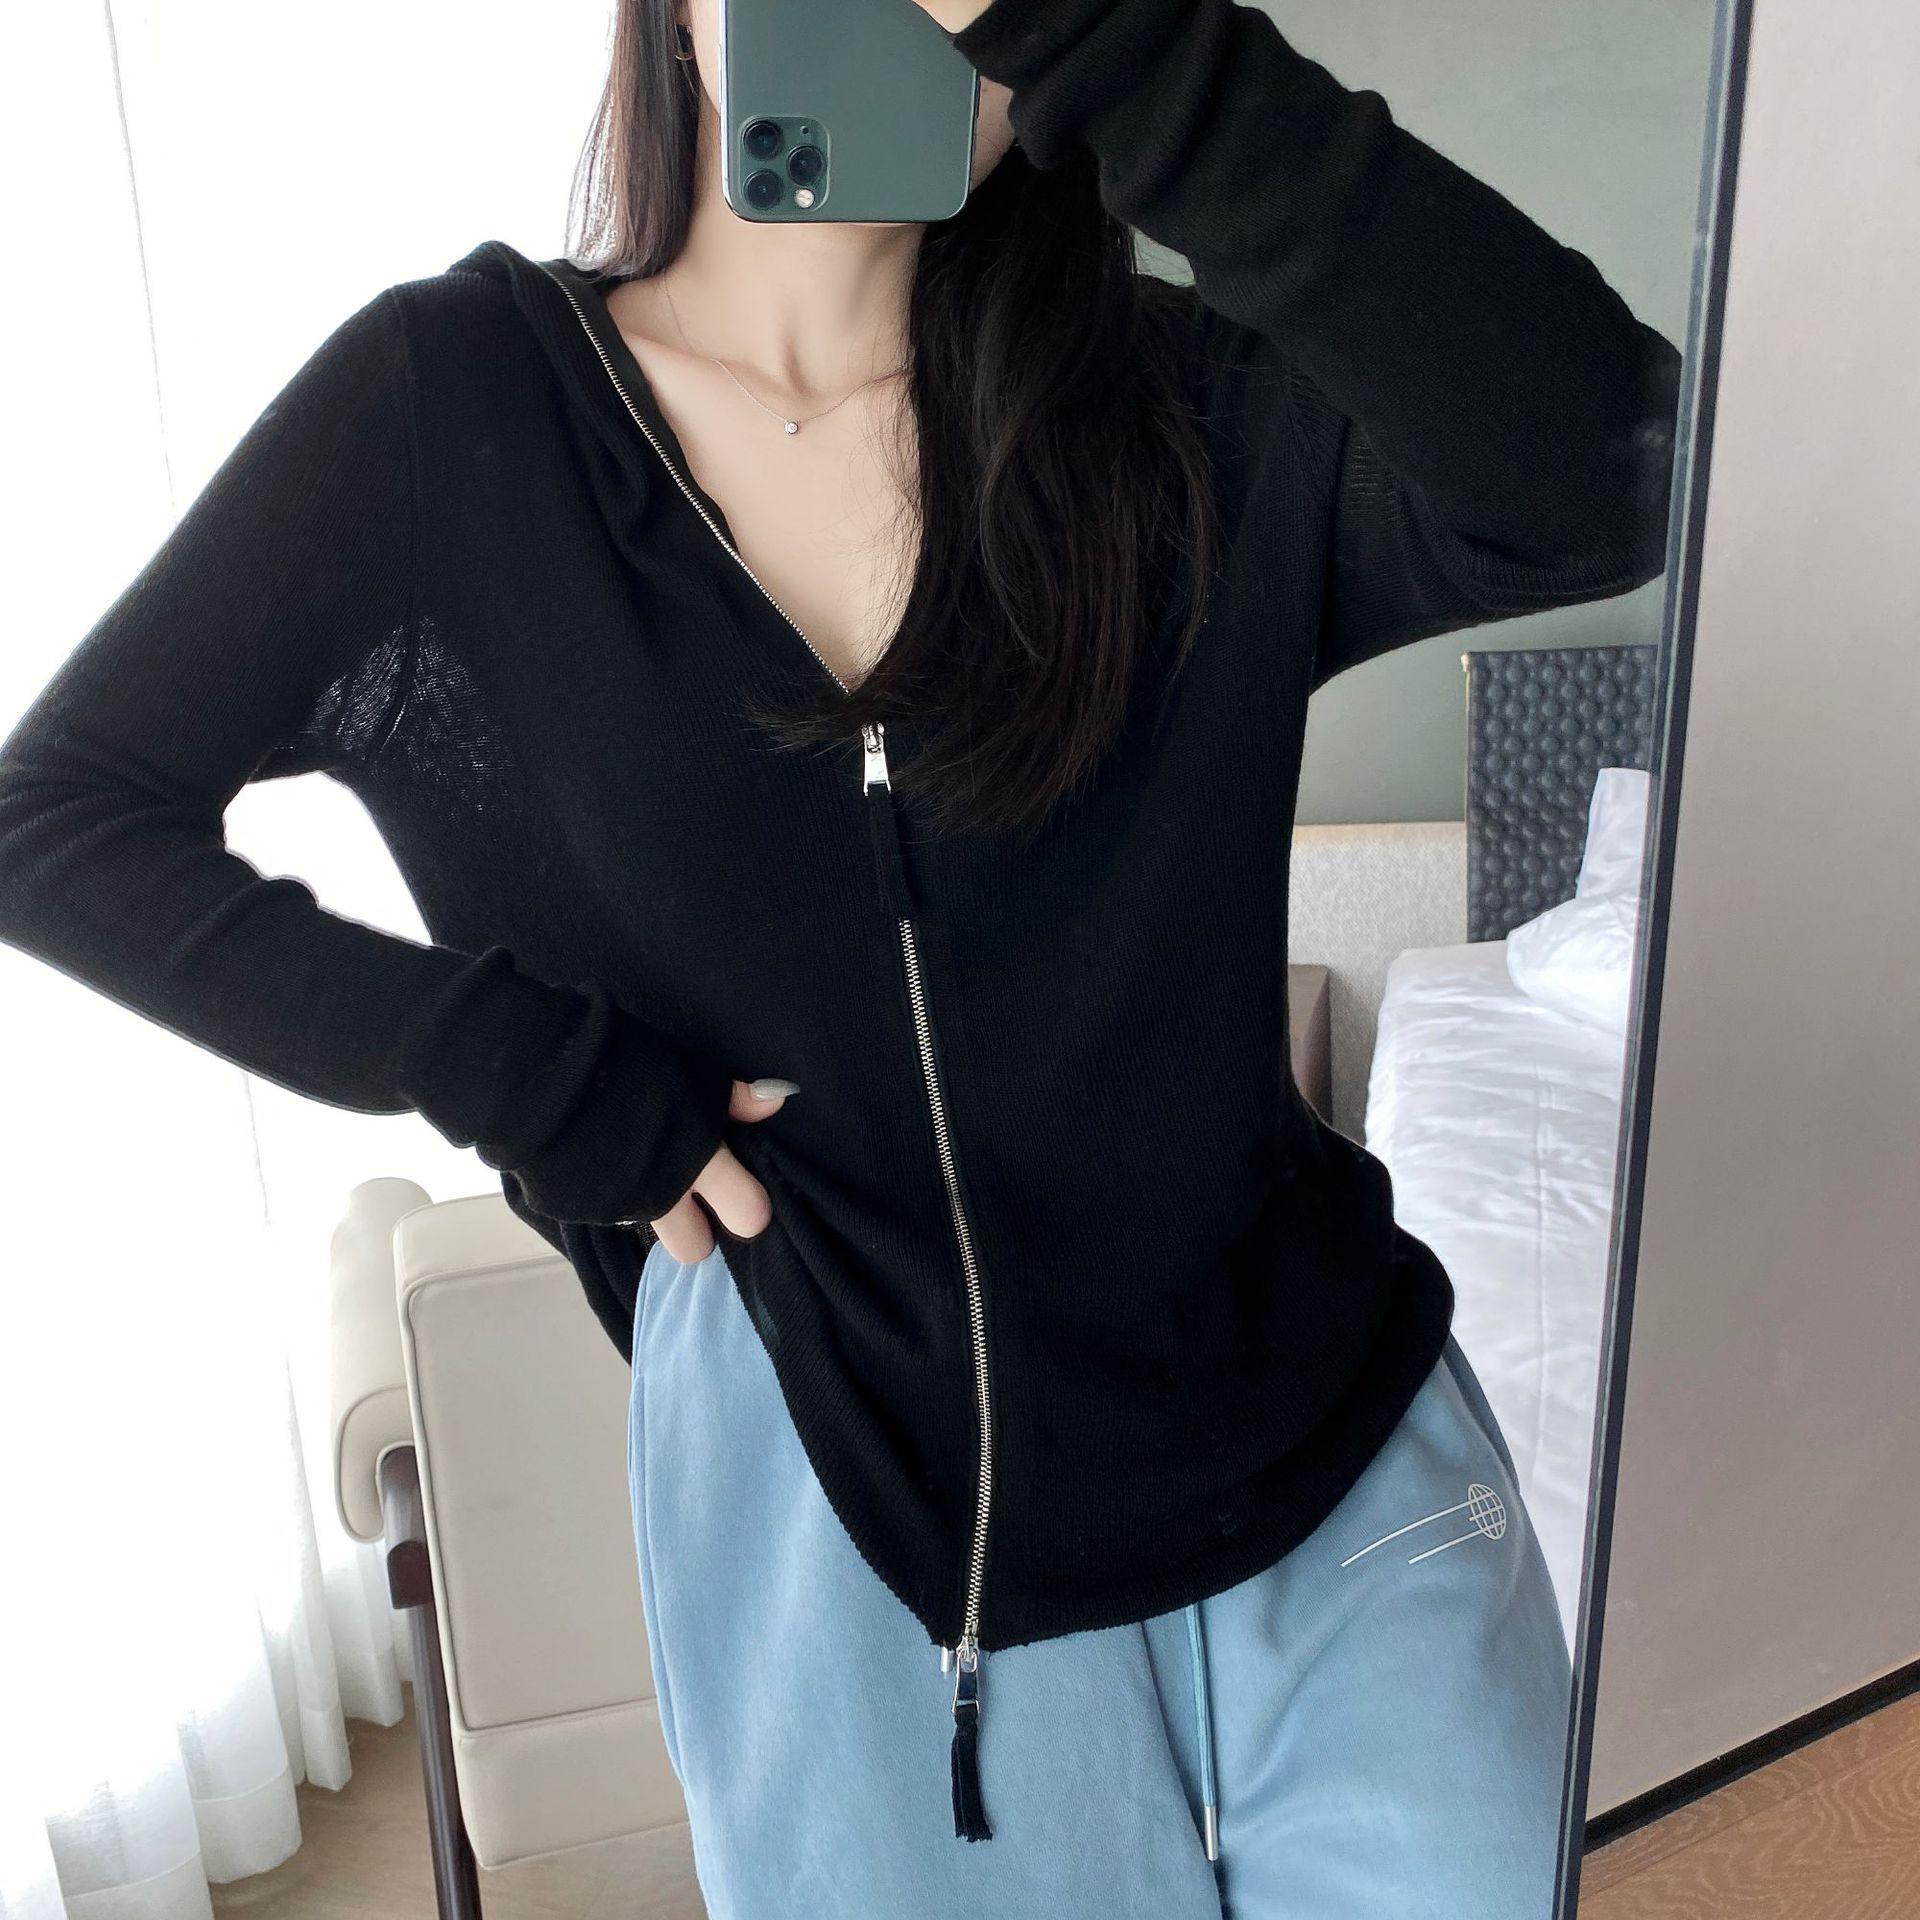 Rivestimento lavorato a maglia cardigan con cappuccio moda nuova sottile maglione della parte superiore stile straniero alto maglione sottile V-collo delle donne femminile f6141 z35jM